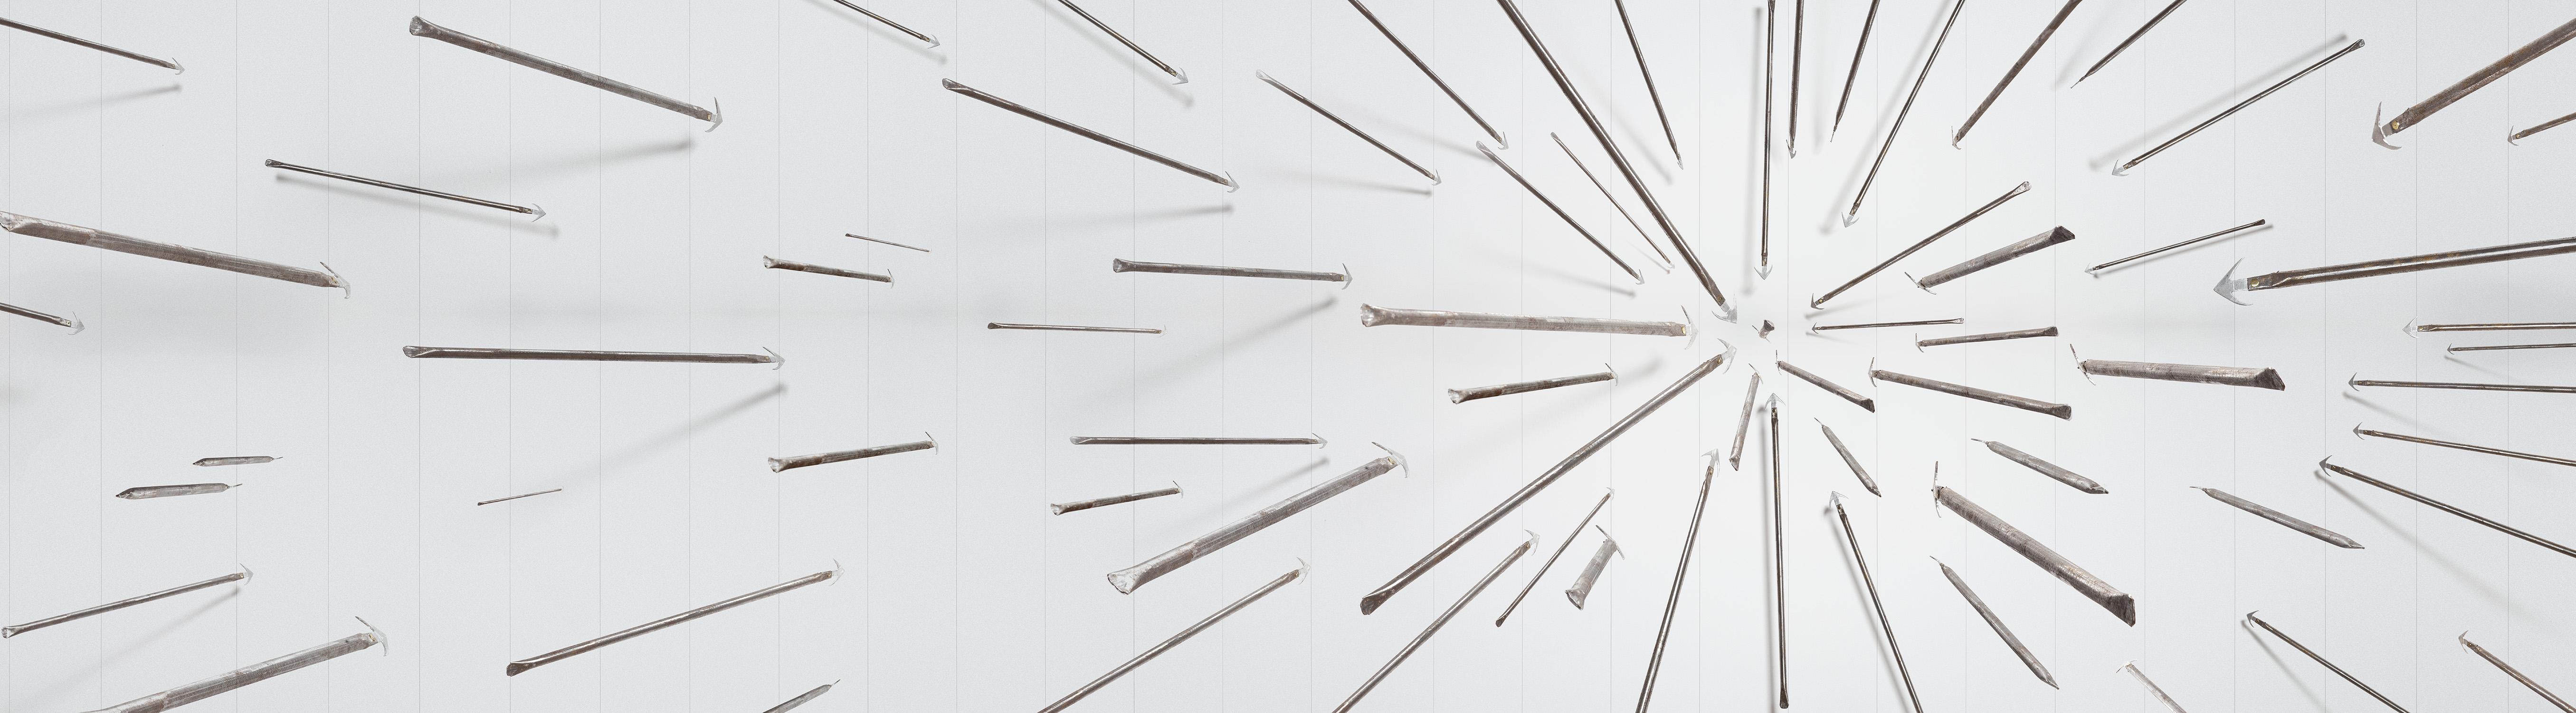 in battaglie aperte al vento / al vento pungente del confronto-50cm X 180cm – PRINT ON FINEART BARYTA HAHNEMÜHLE / DIBOND-©2013 – Edition of 5